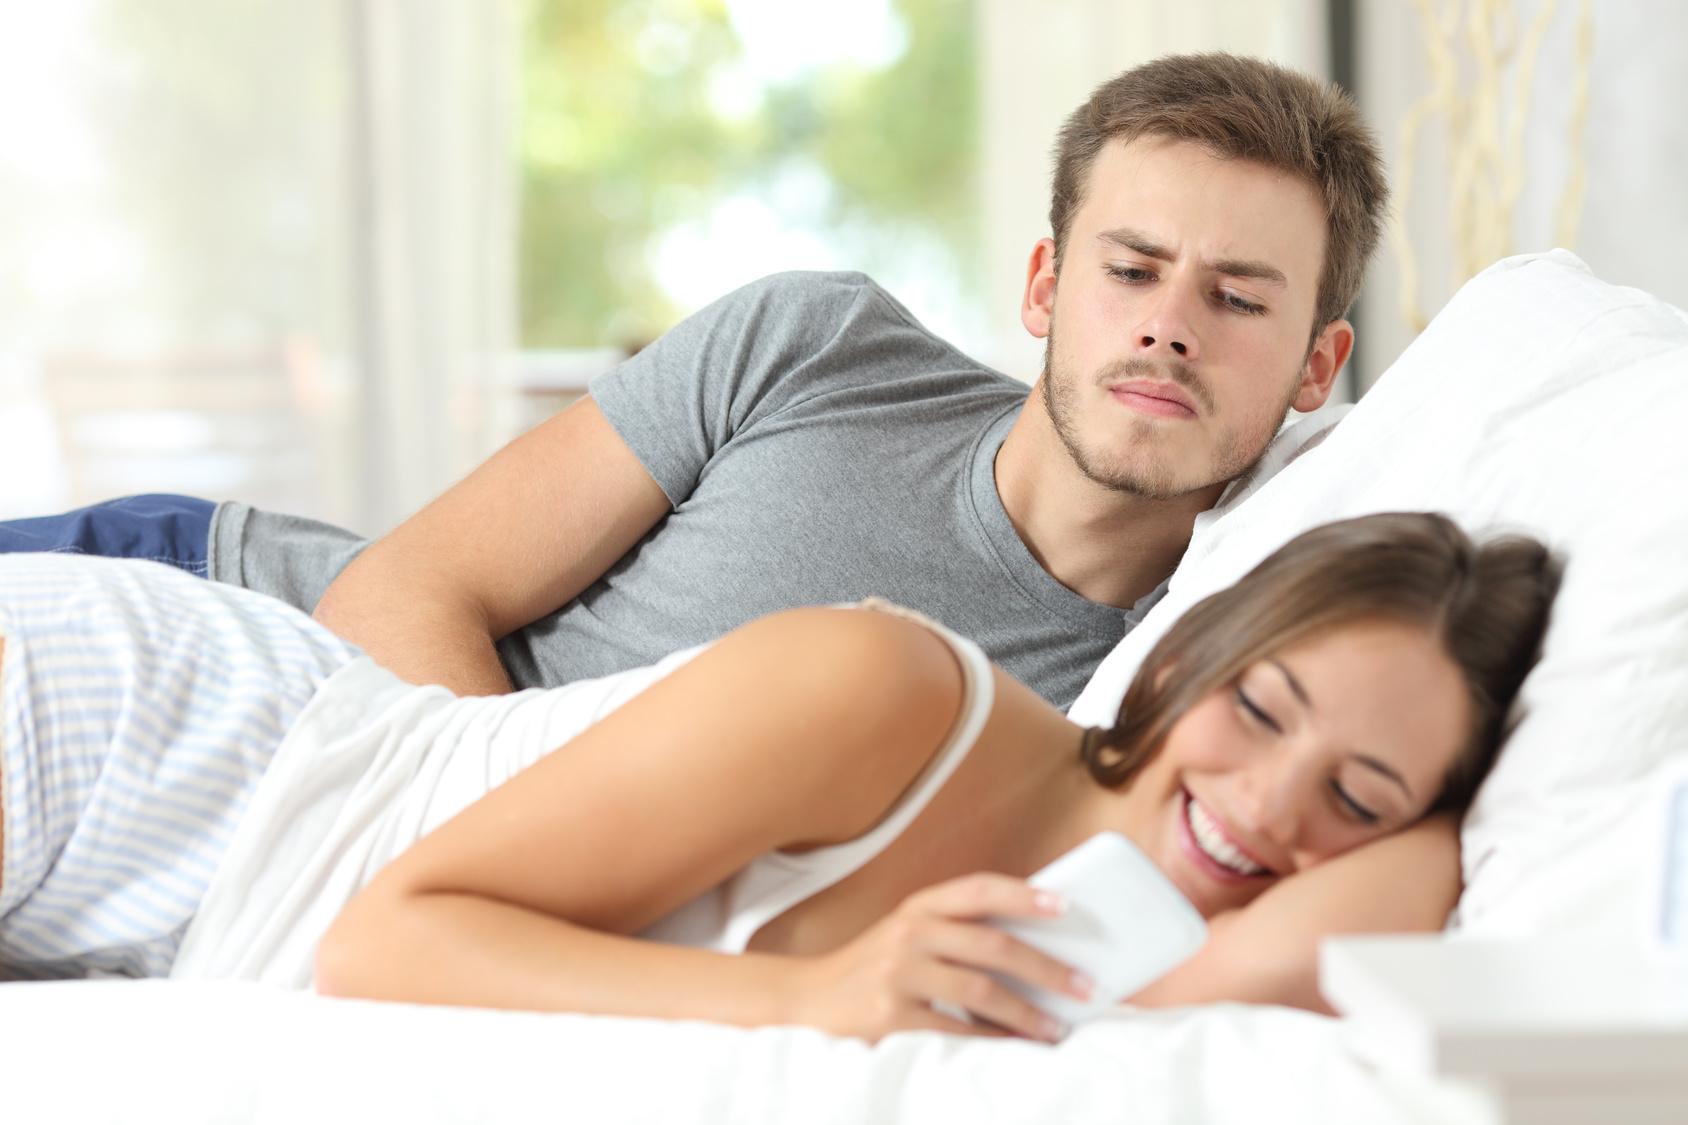 Ревность может создать множество проблем во взаимоотношениях